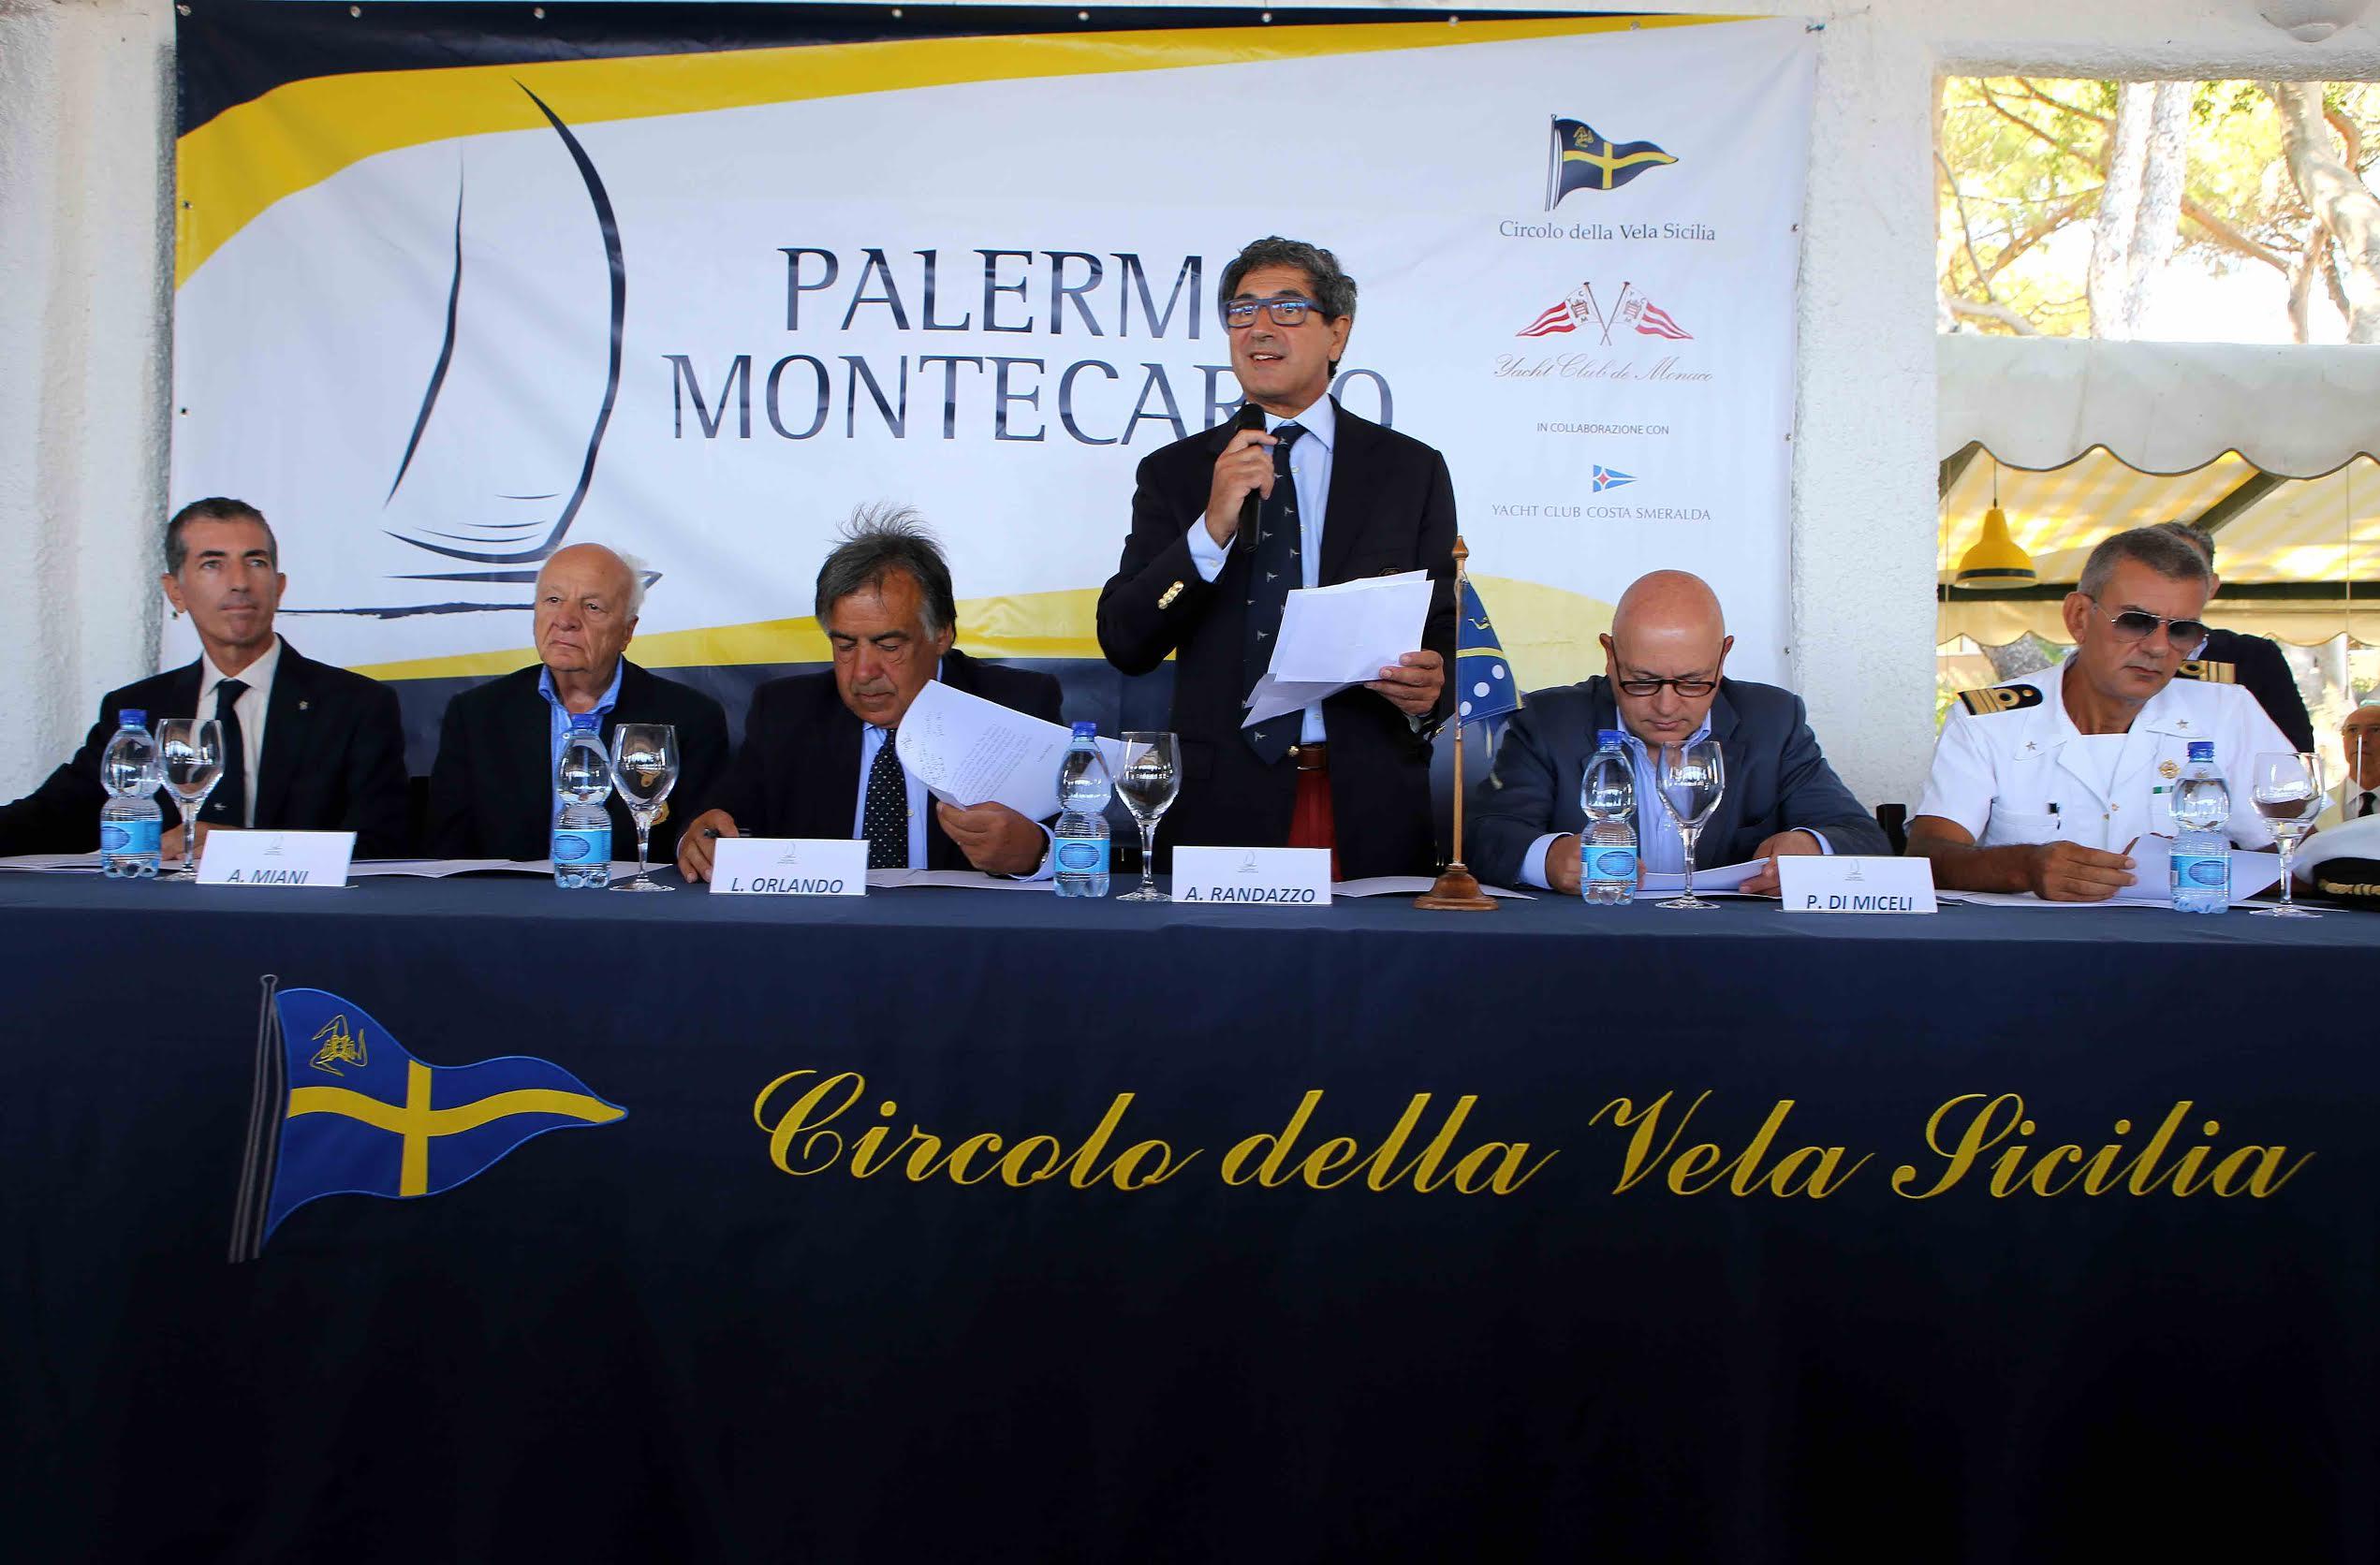 CDa Palermo a Montecarlo 500 miglia di fascino